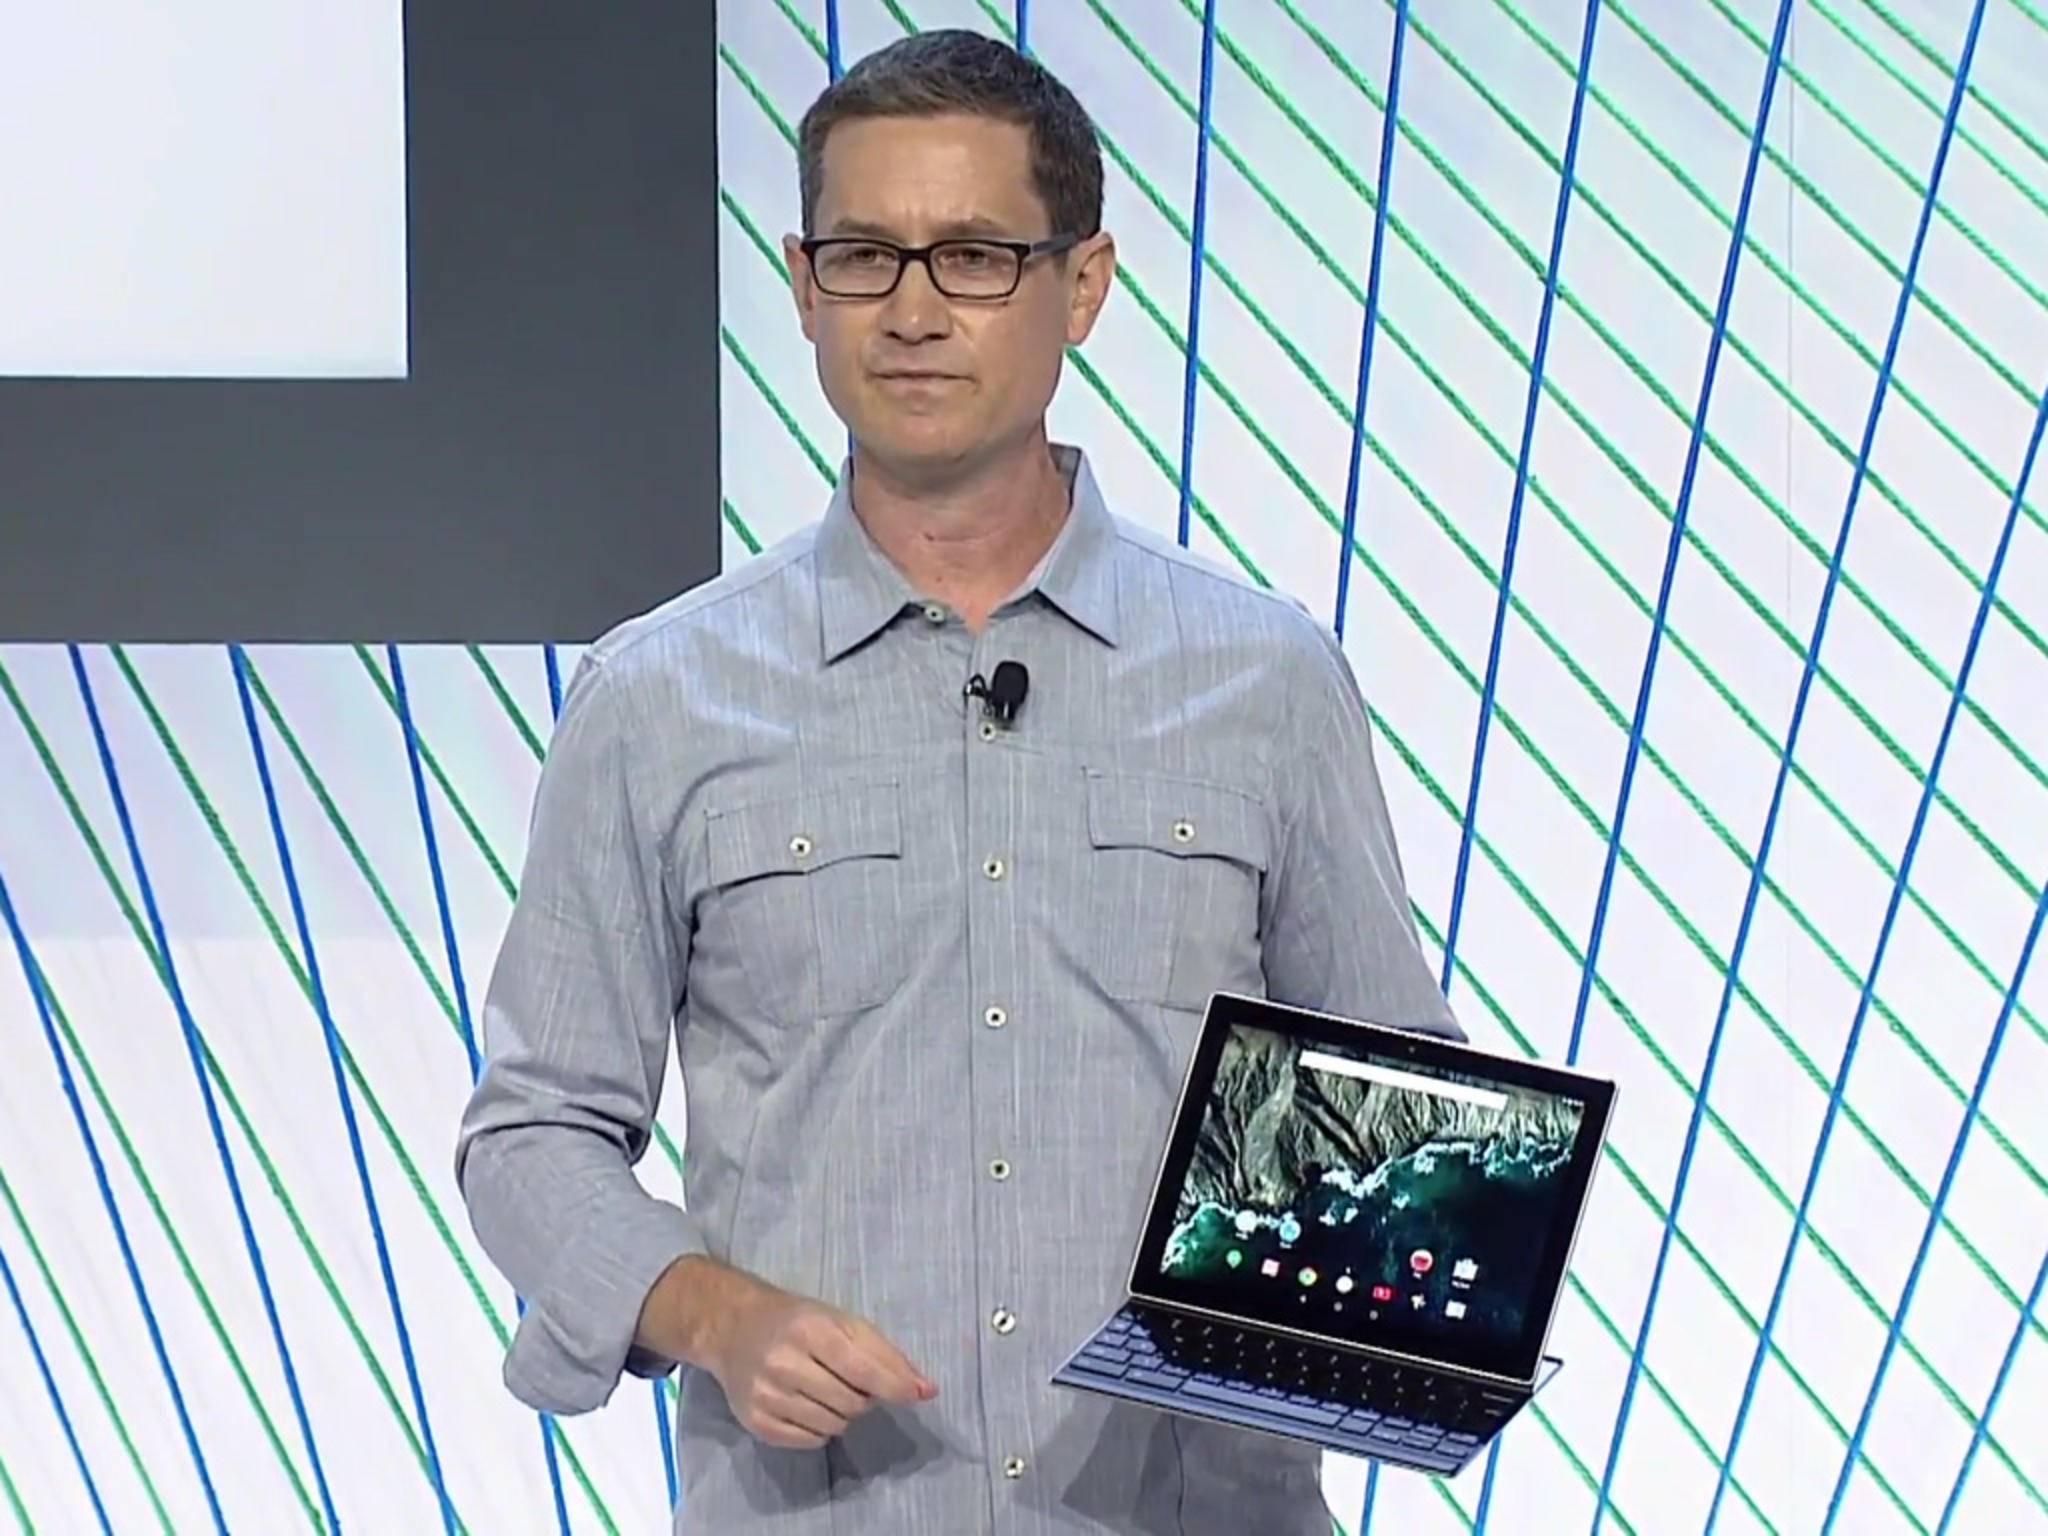 Das Pixel C von Google ist ein Convertible mit Android.